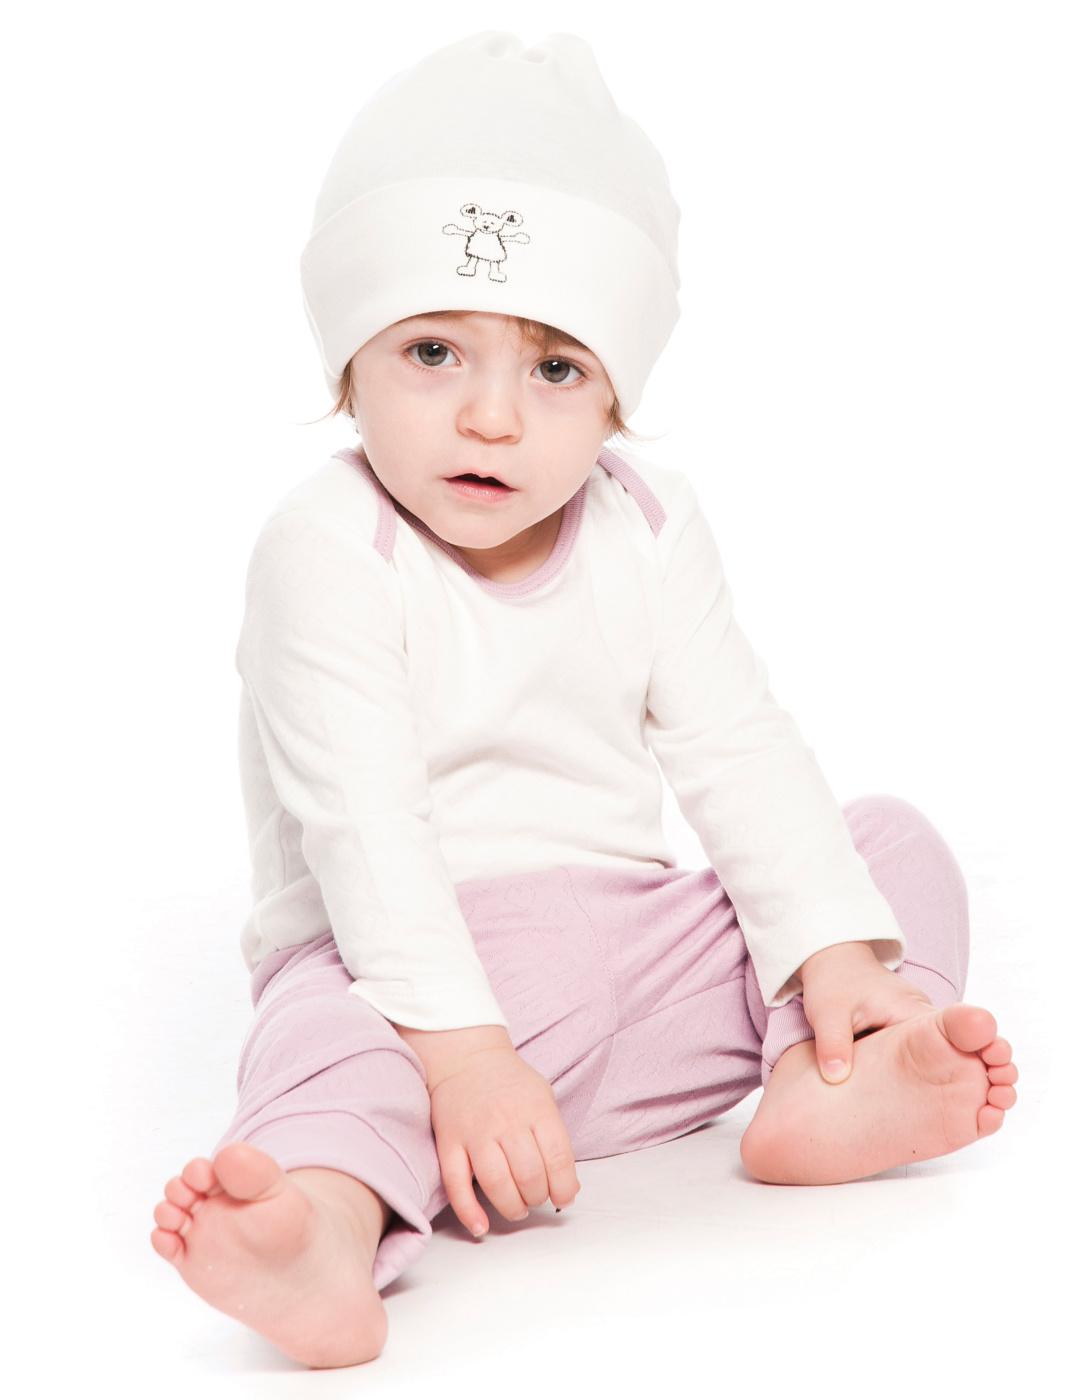 Byxor barn vita tunna